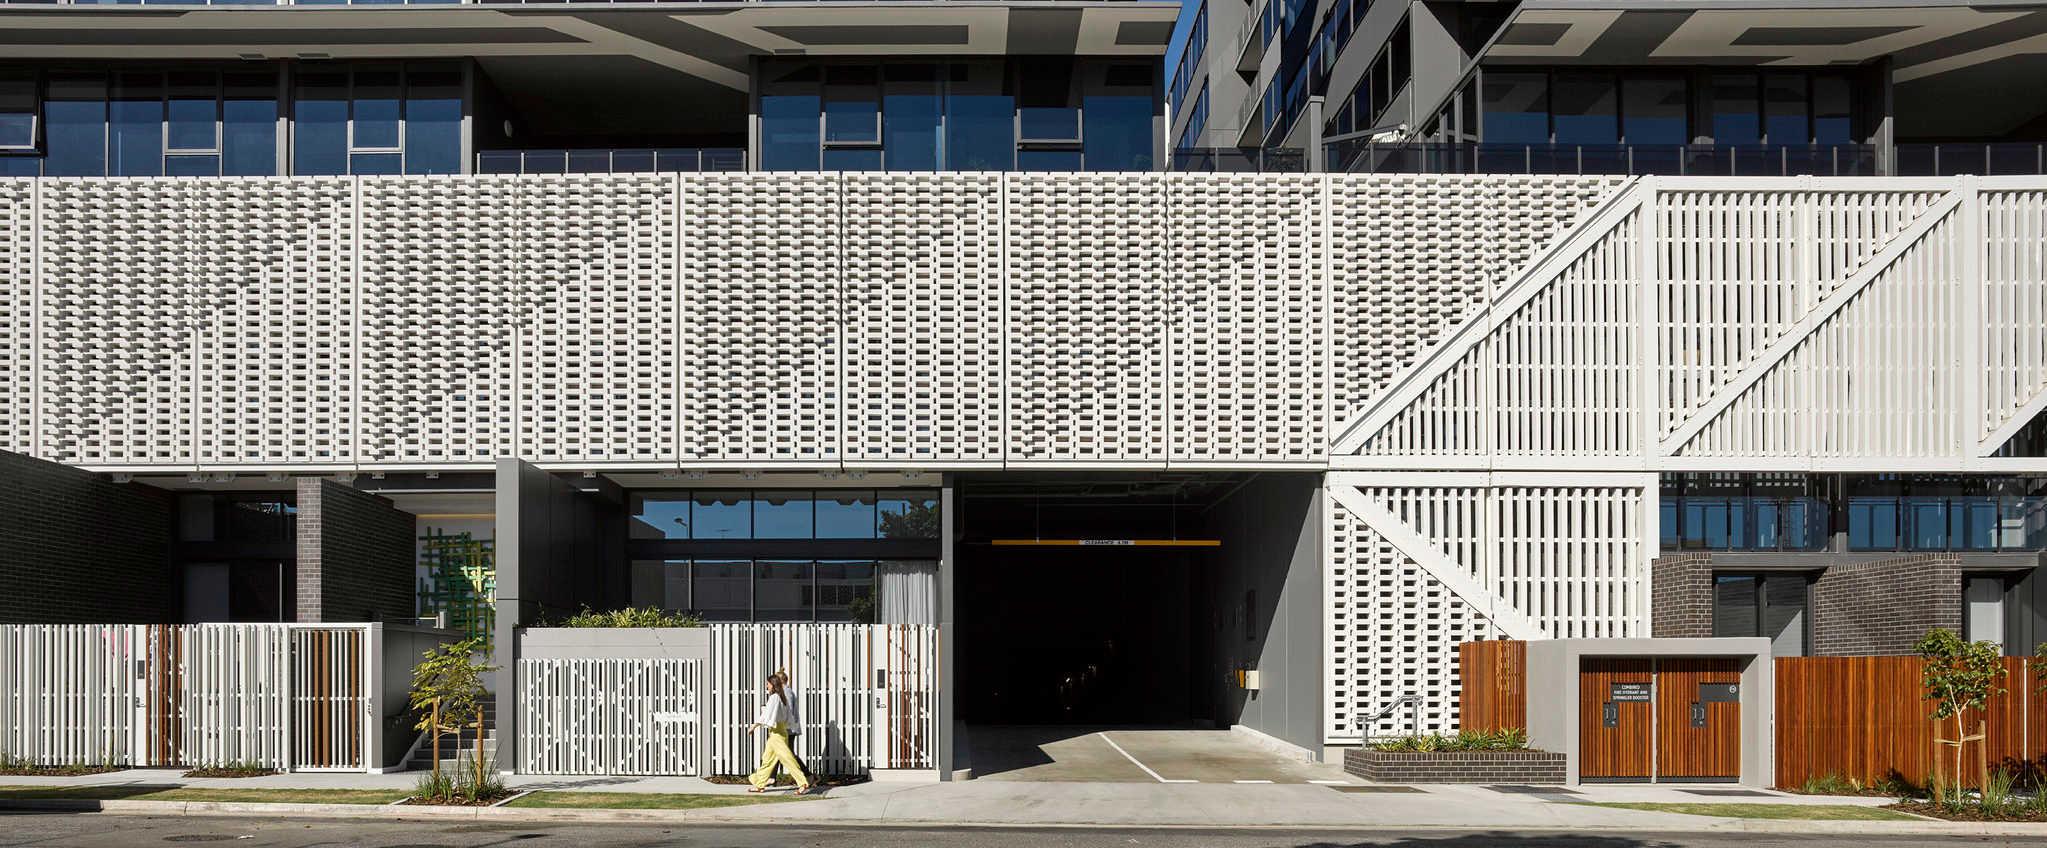 Case Study Newstead Series, Brisbane